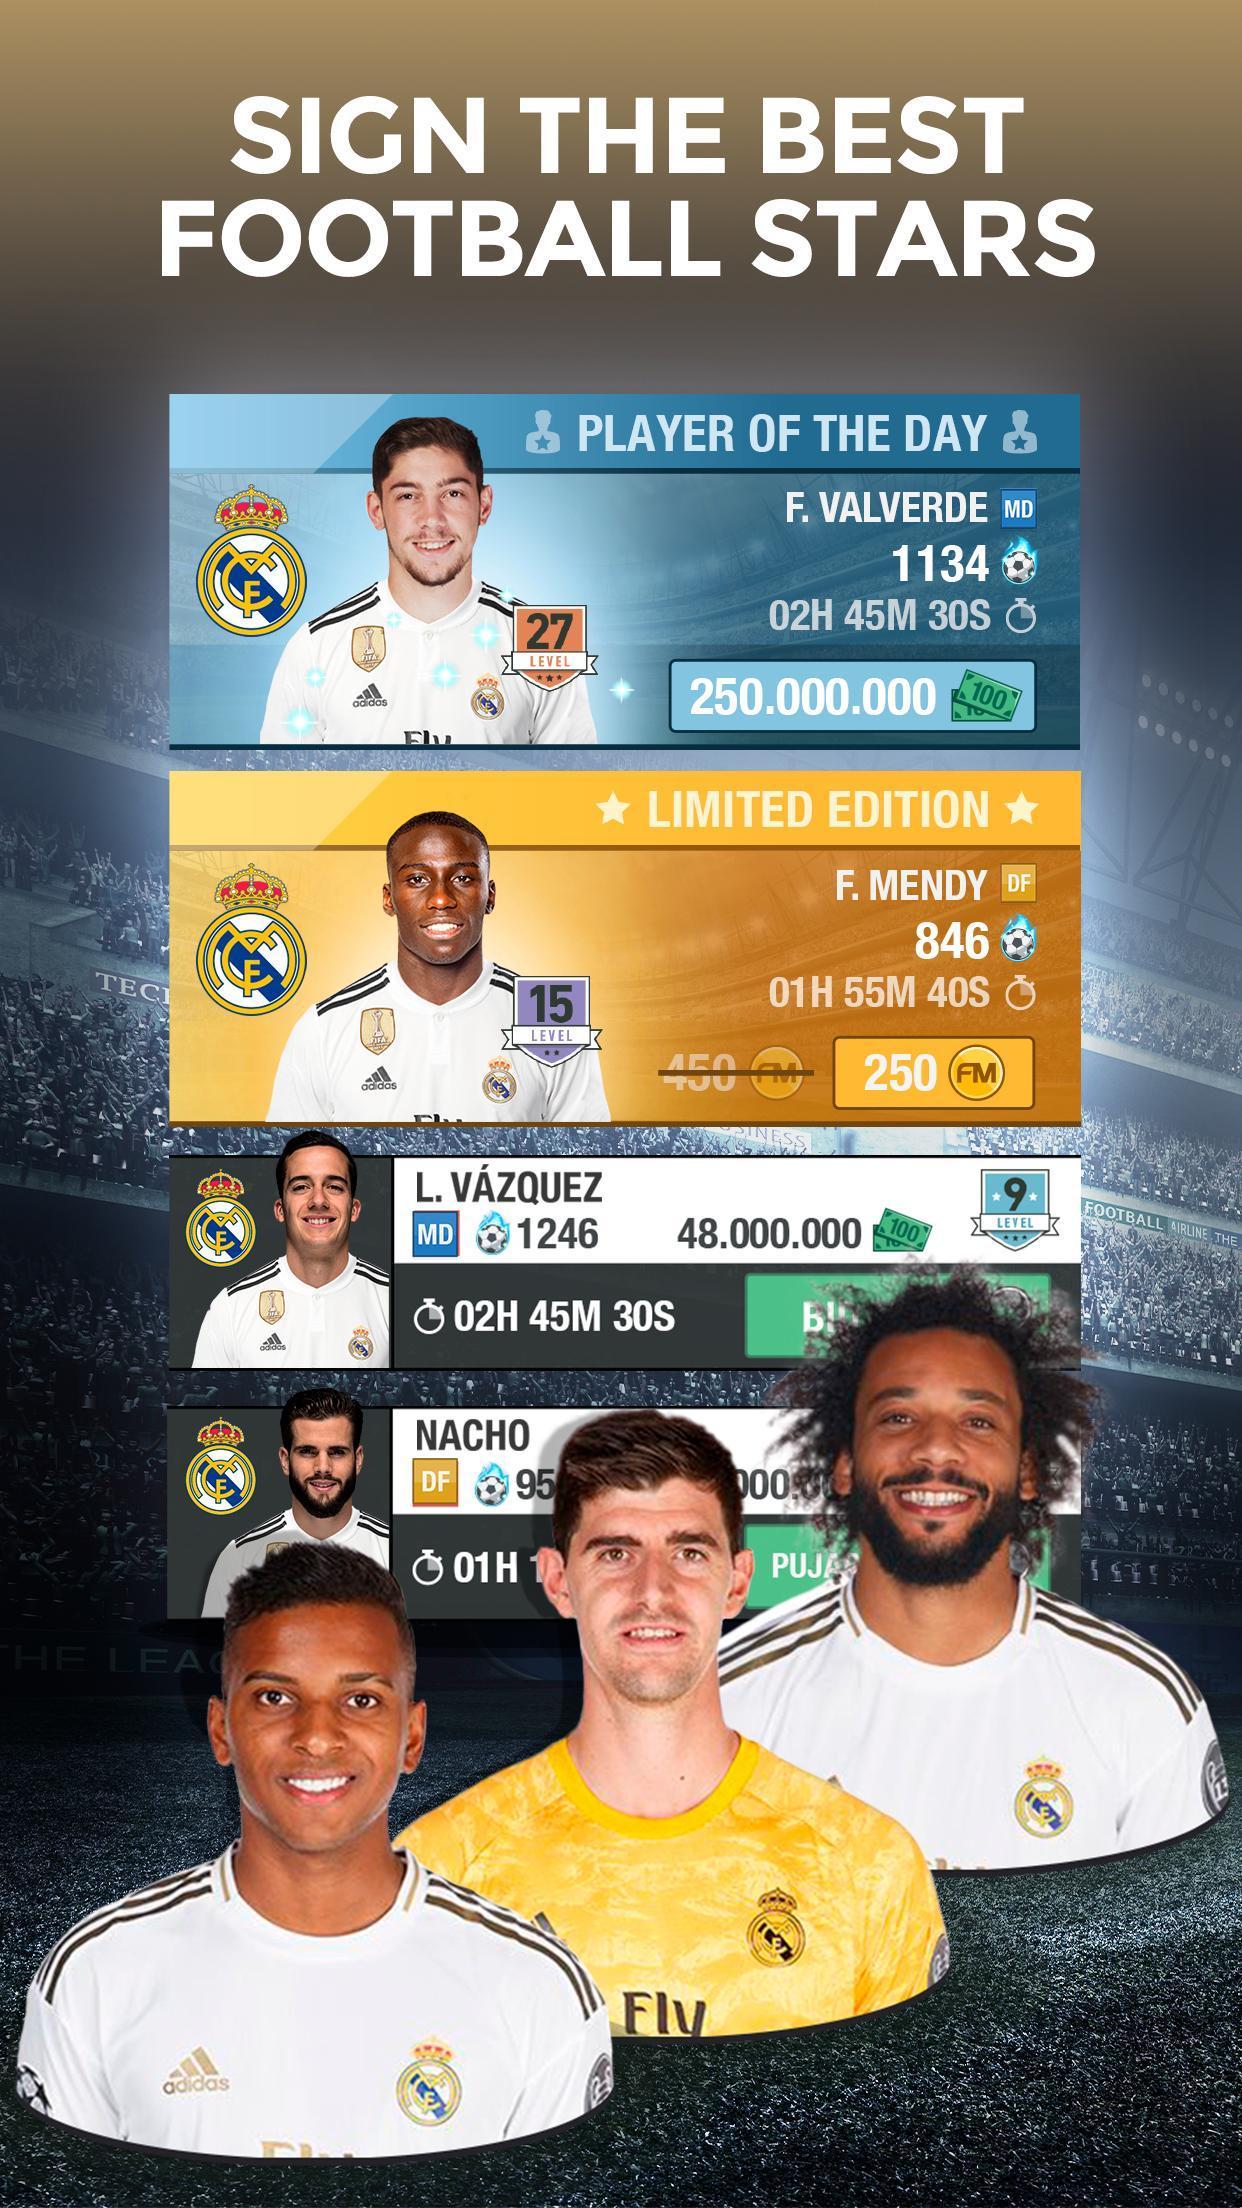 Real Madrid Fantasy Manager'20 Real football live screenshot 3